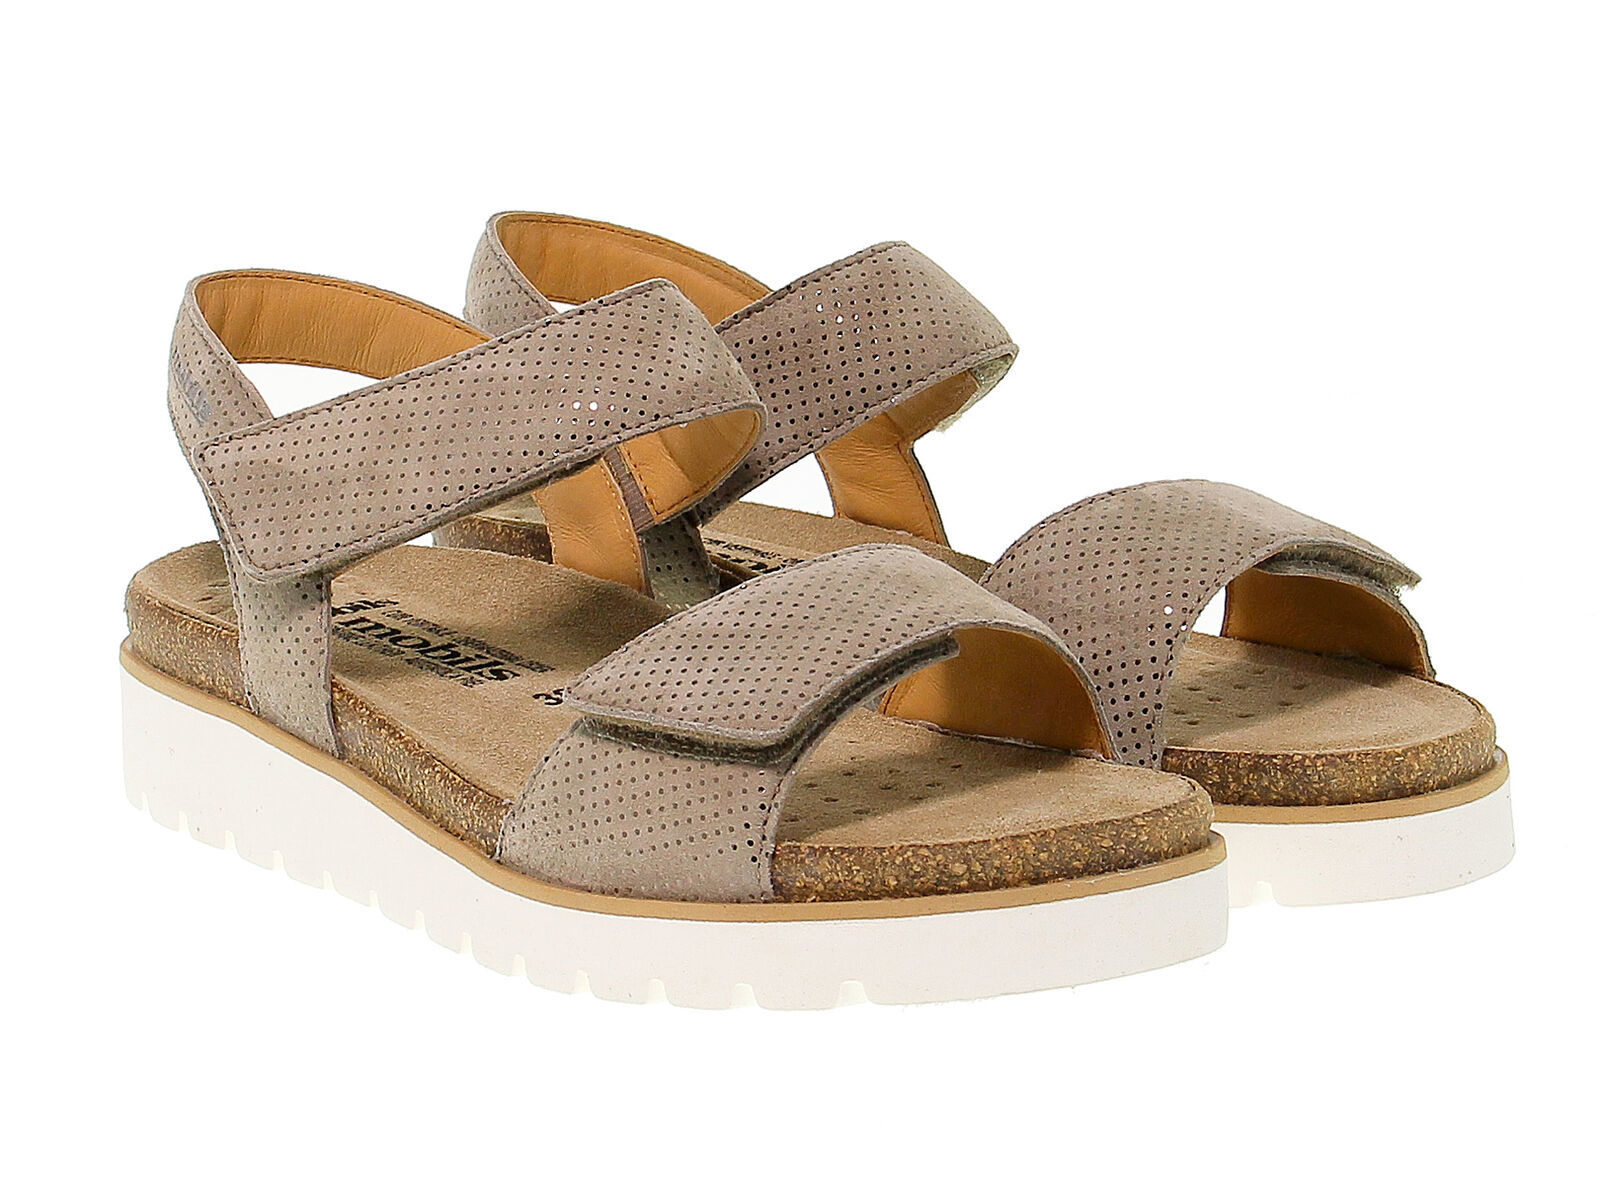 Sandalia plana MEPHISTO THELMA de nabuk cammello - Zapatos Mujer